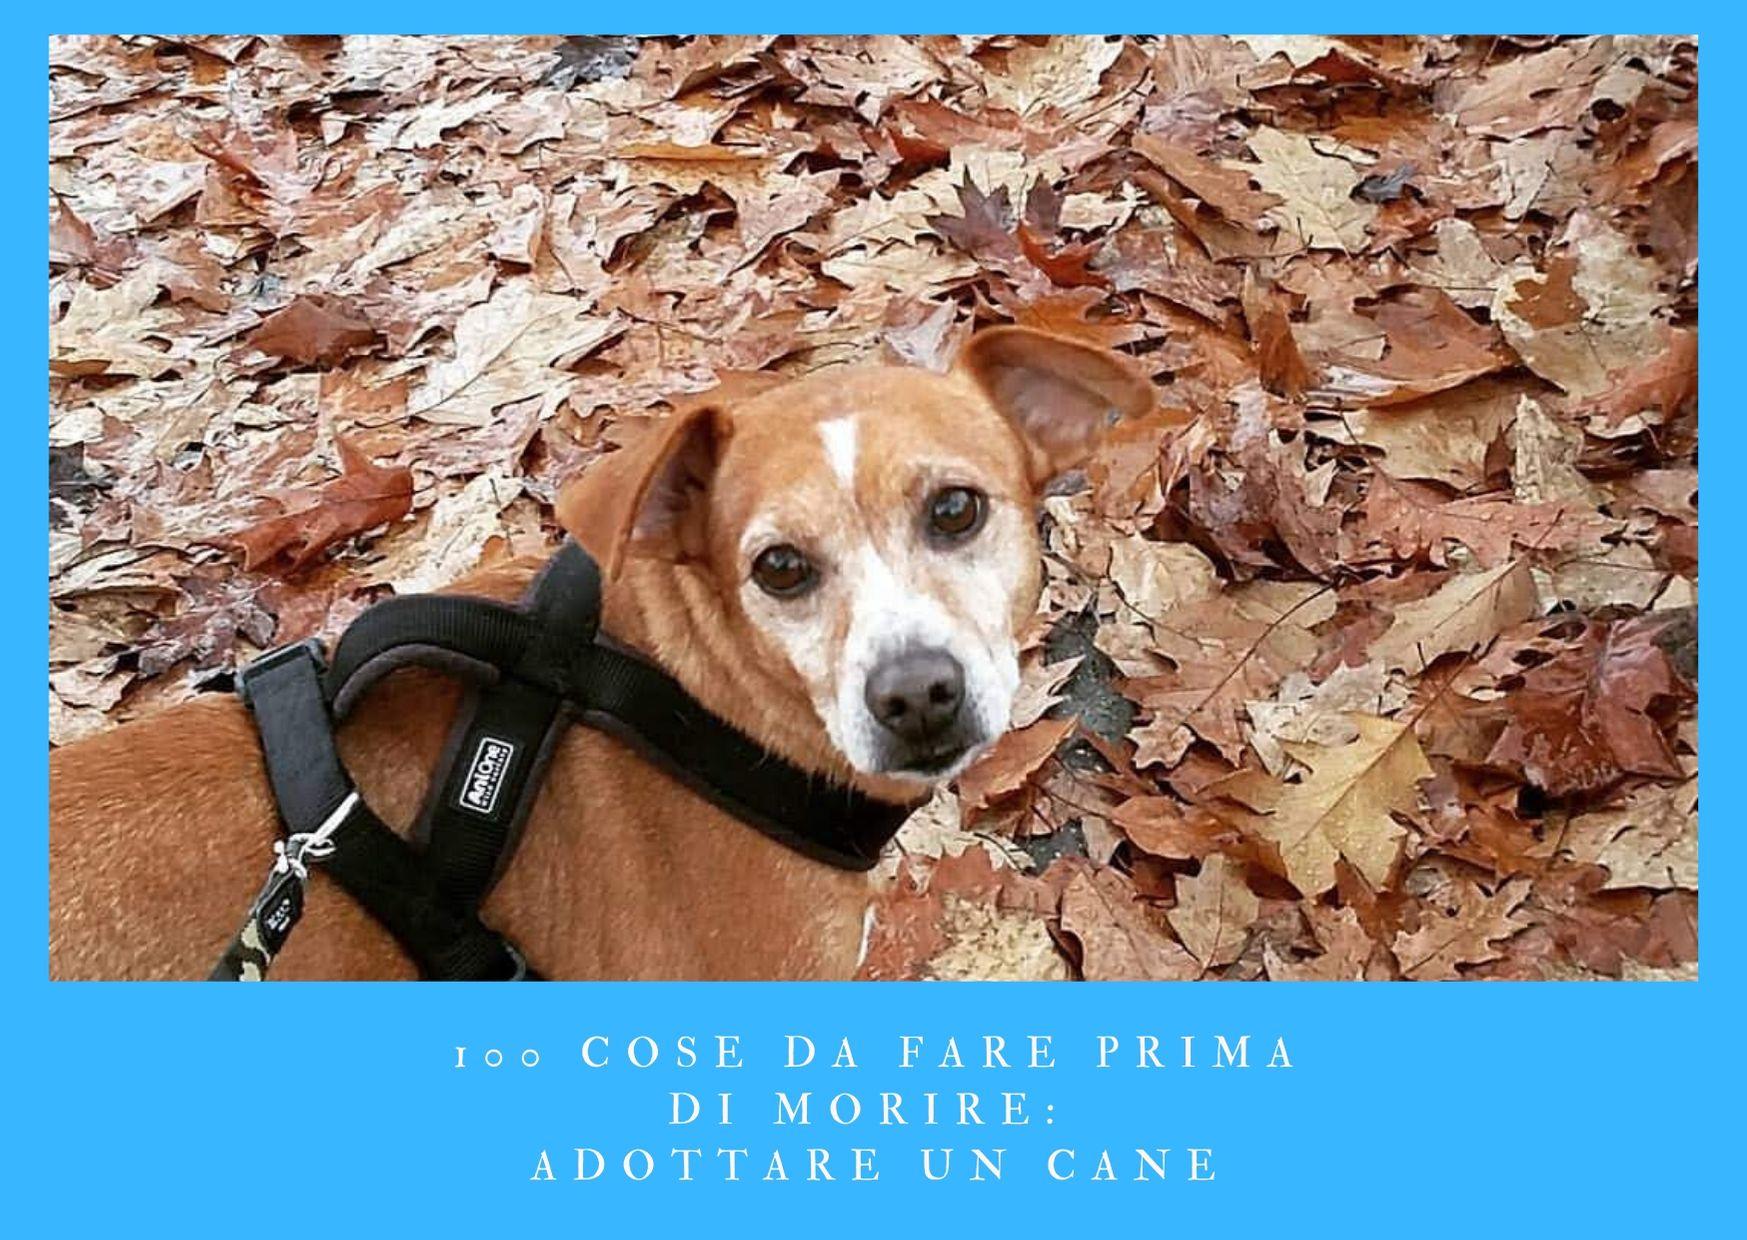 100 cose da fare prima di morire - adottare un cane